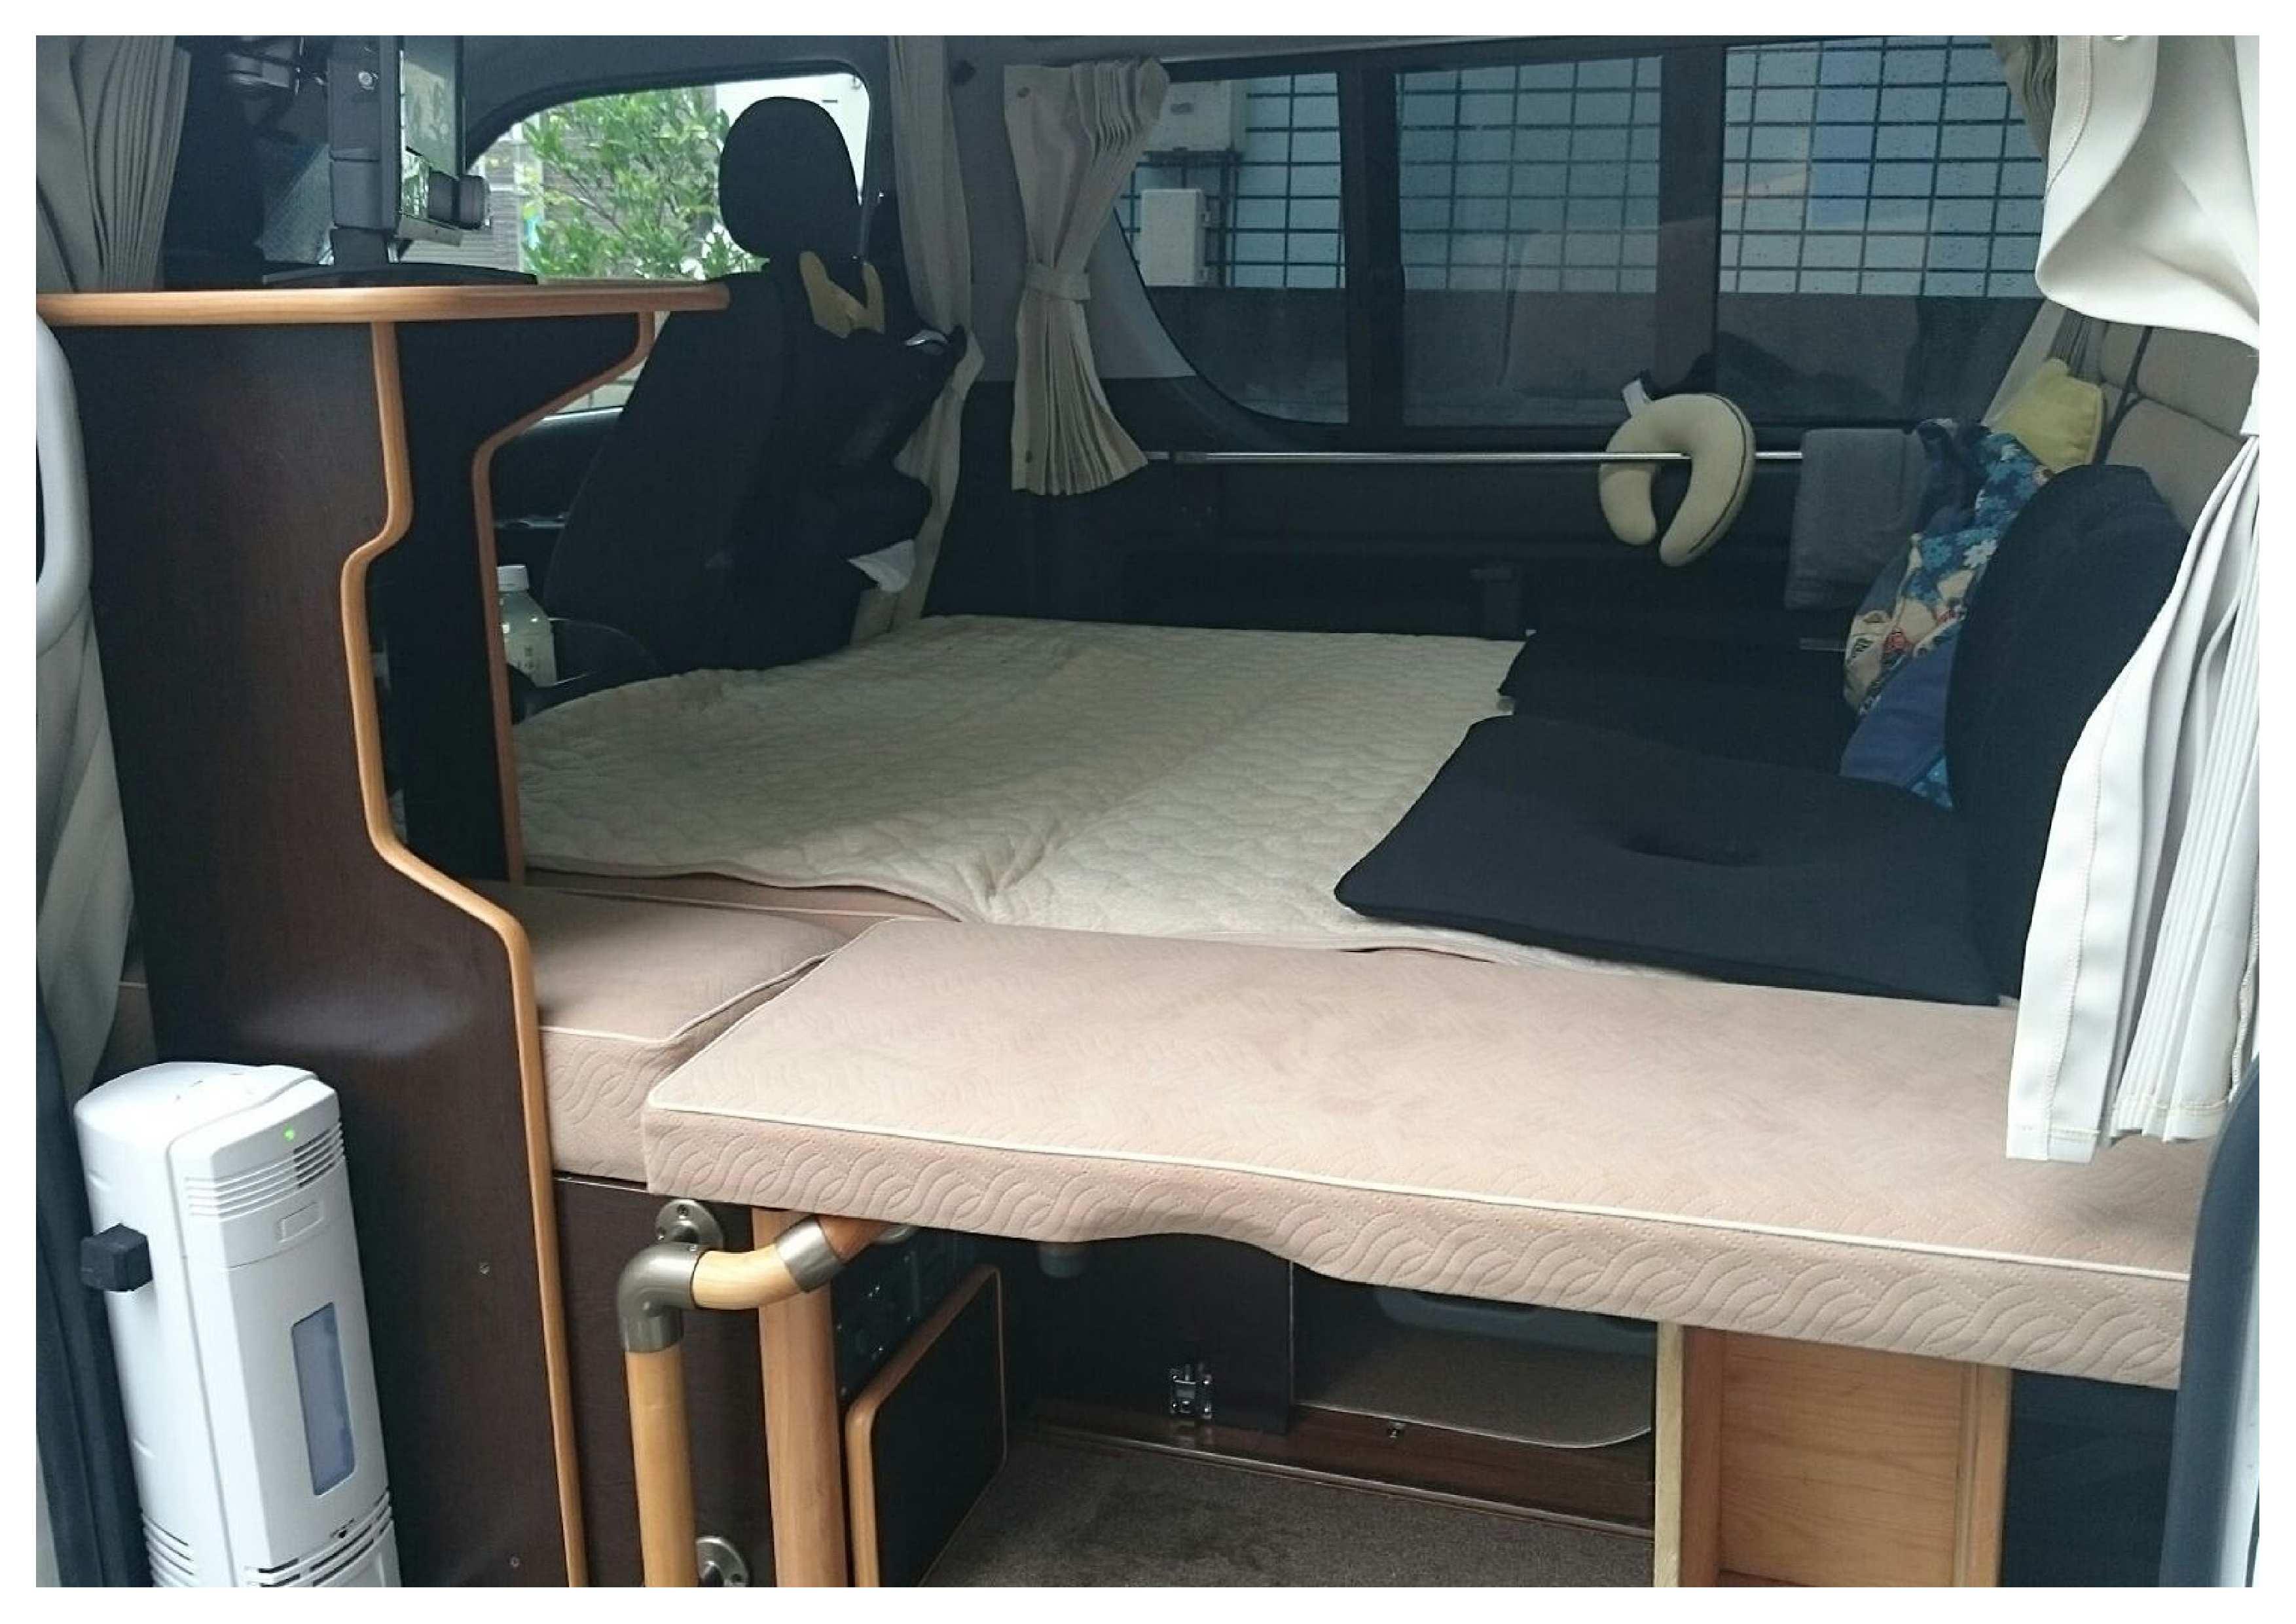 ロードセレクトWM改の車に、テレビ台が付いた(゚∇゚ ;)エッ!?_e0225148_18274277.jpg